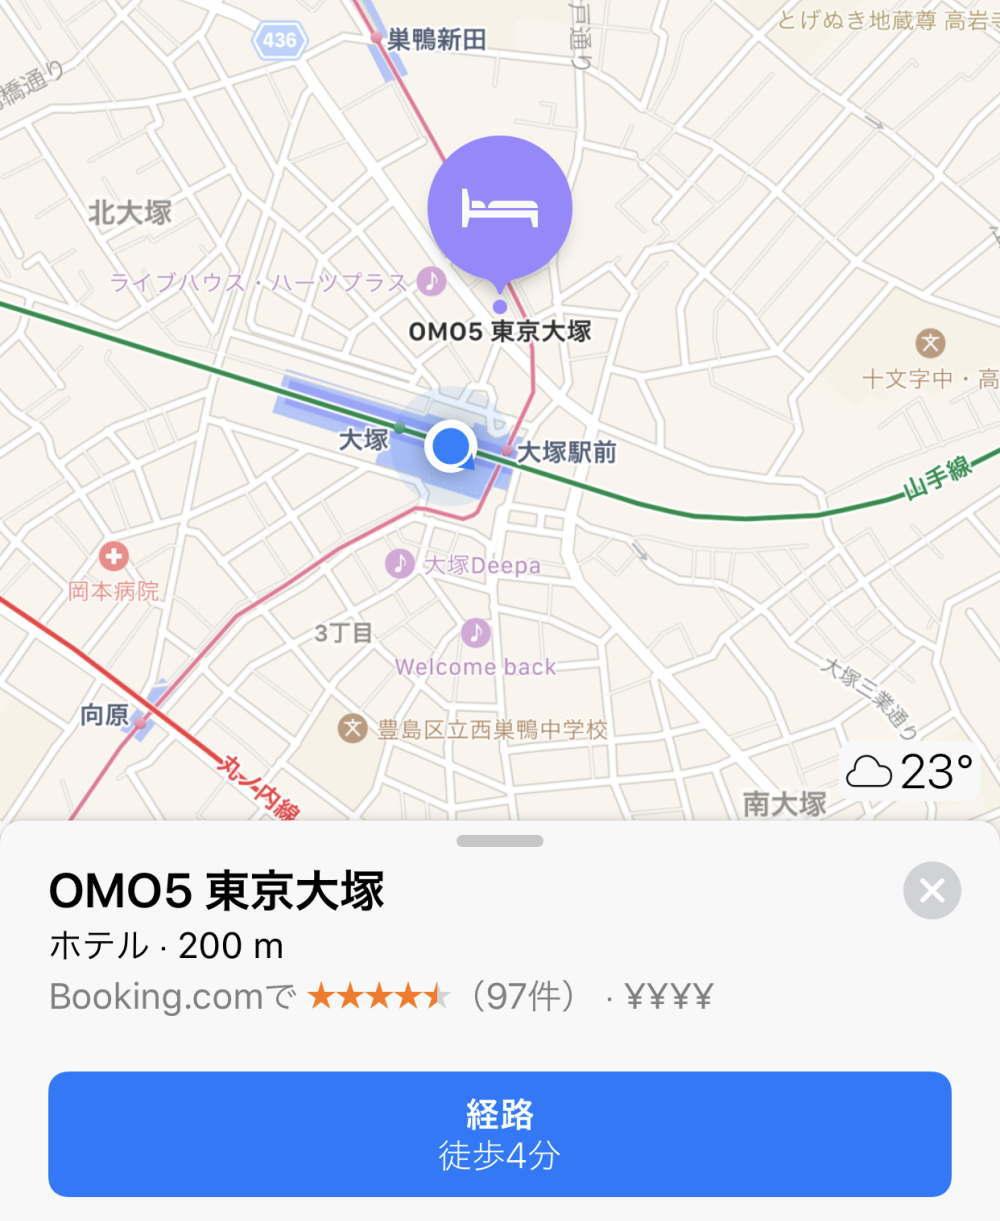 OMO5東京大塚 地図